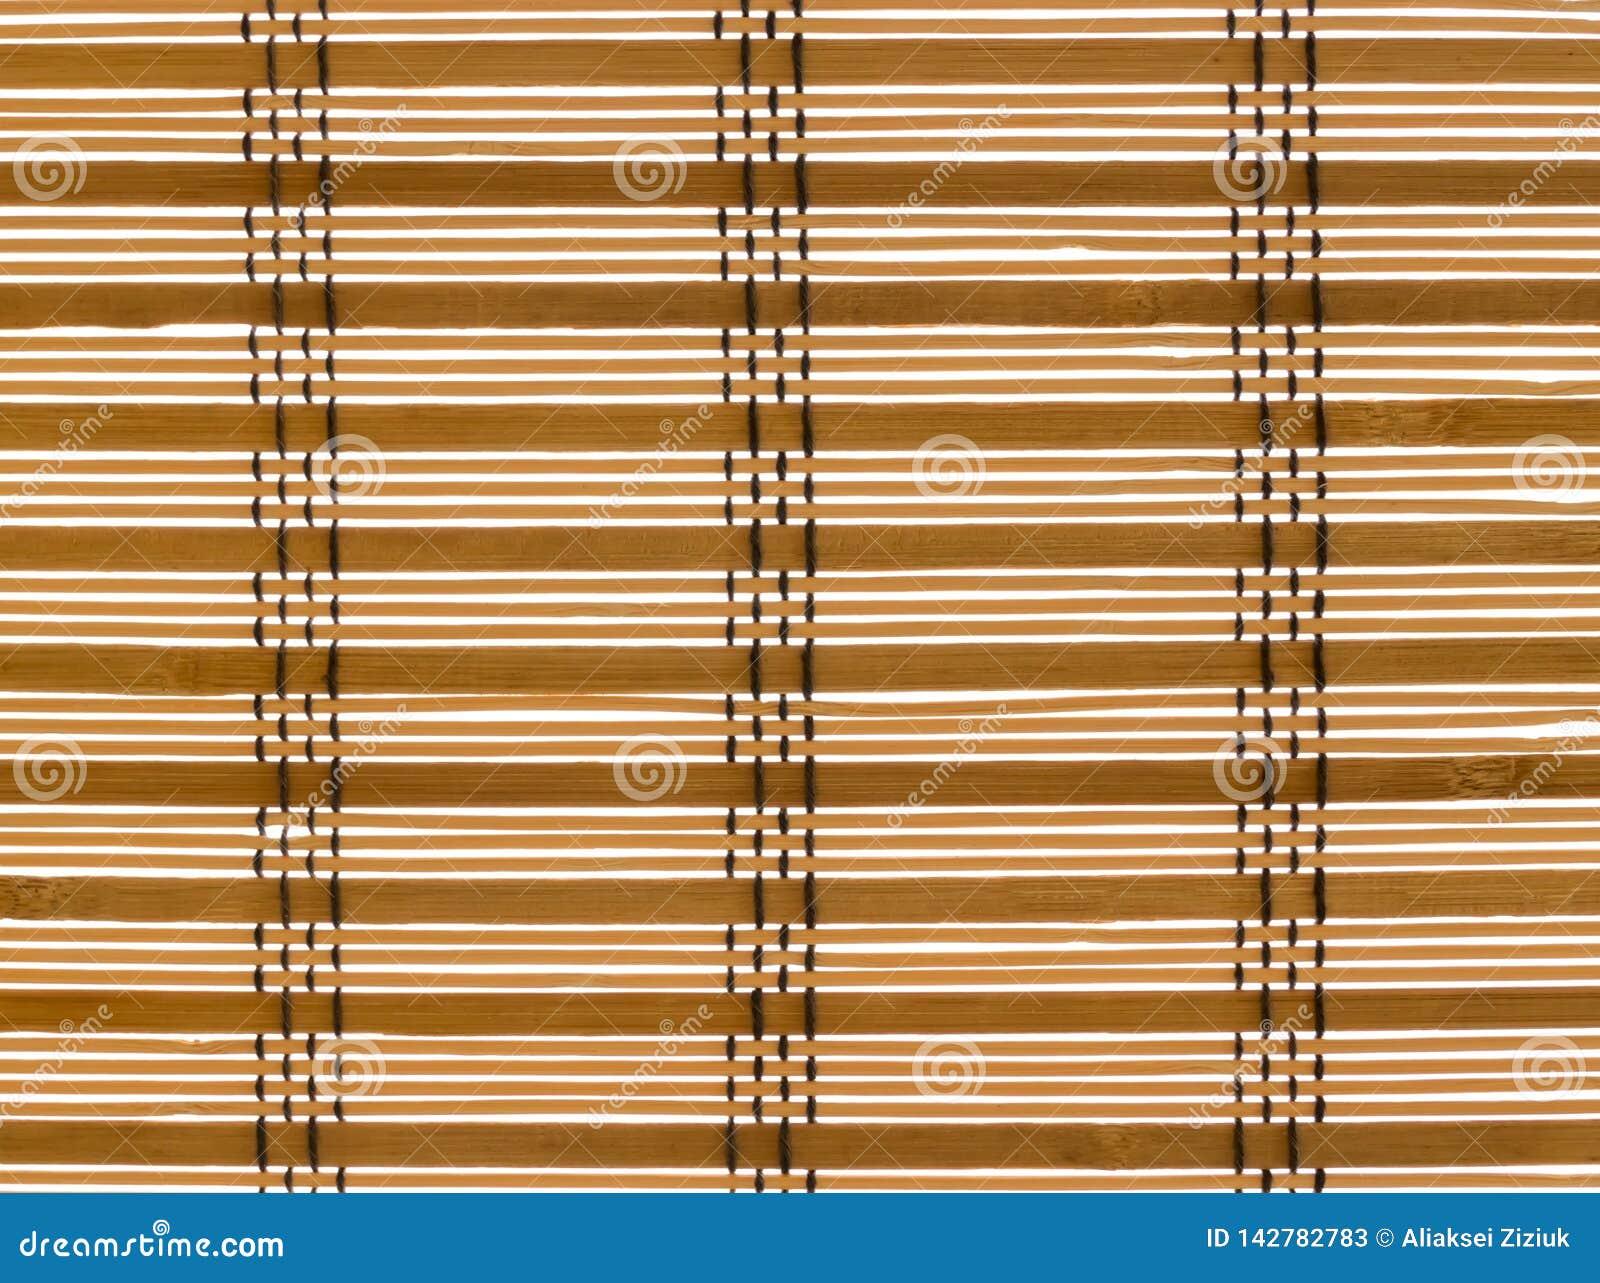 Ξύλινο ραμμένο τυφλοί σχοινί σύστασης